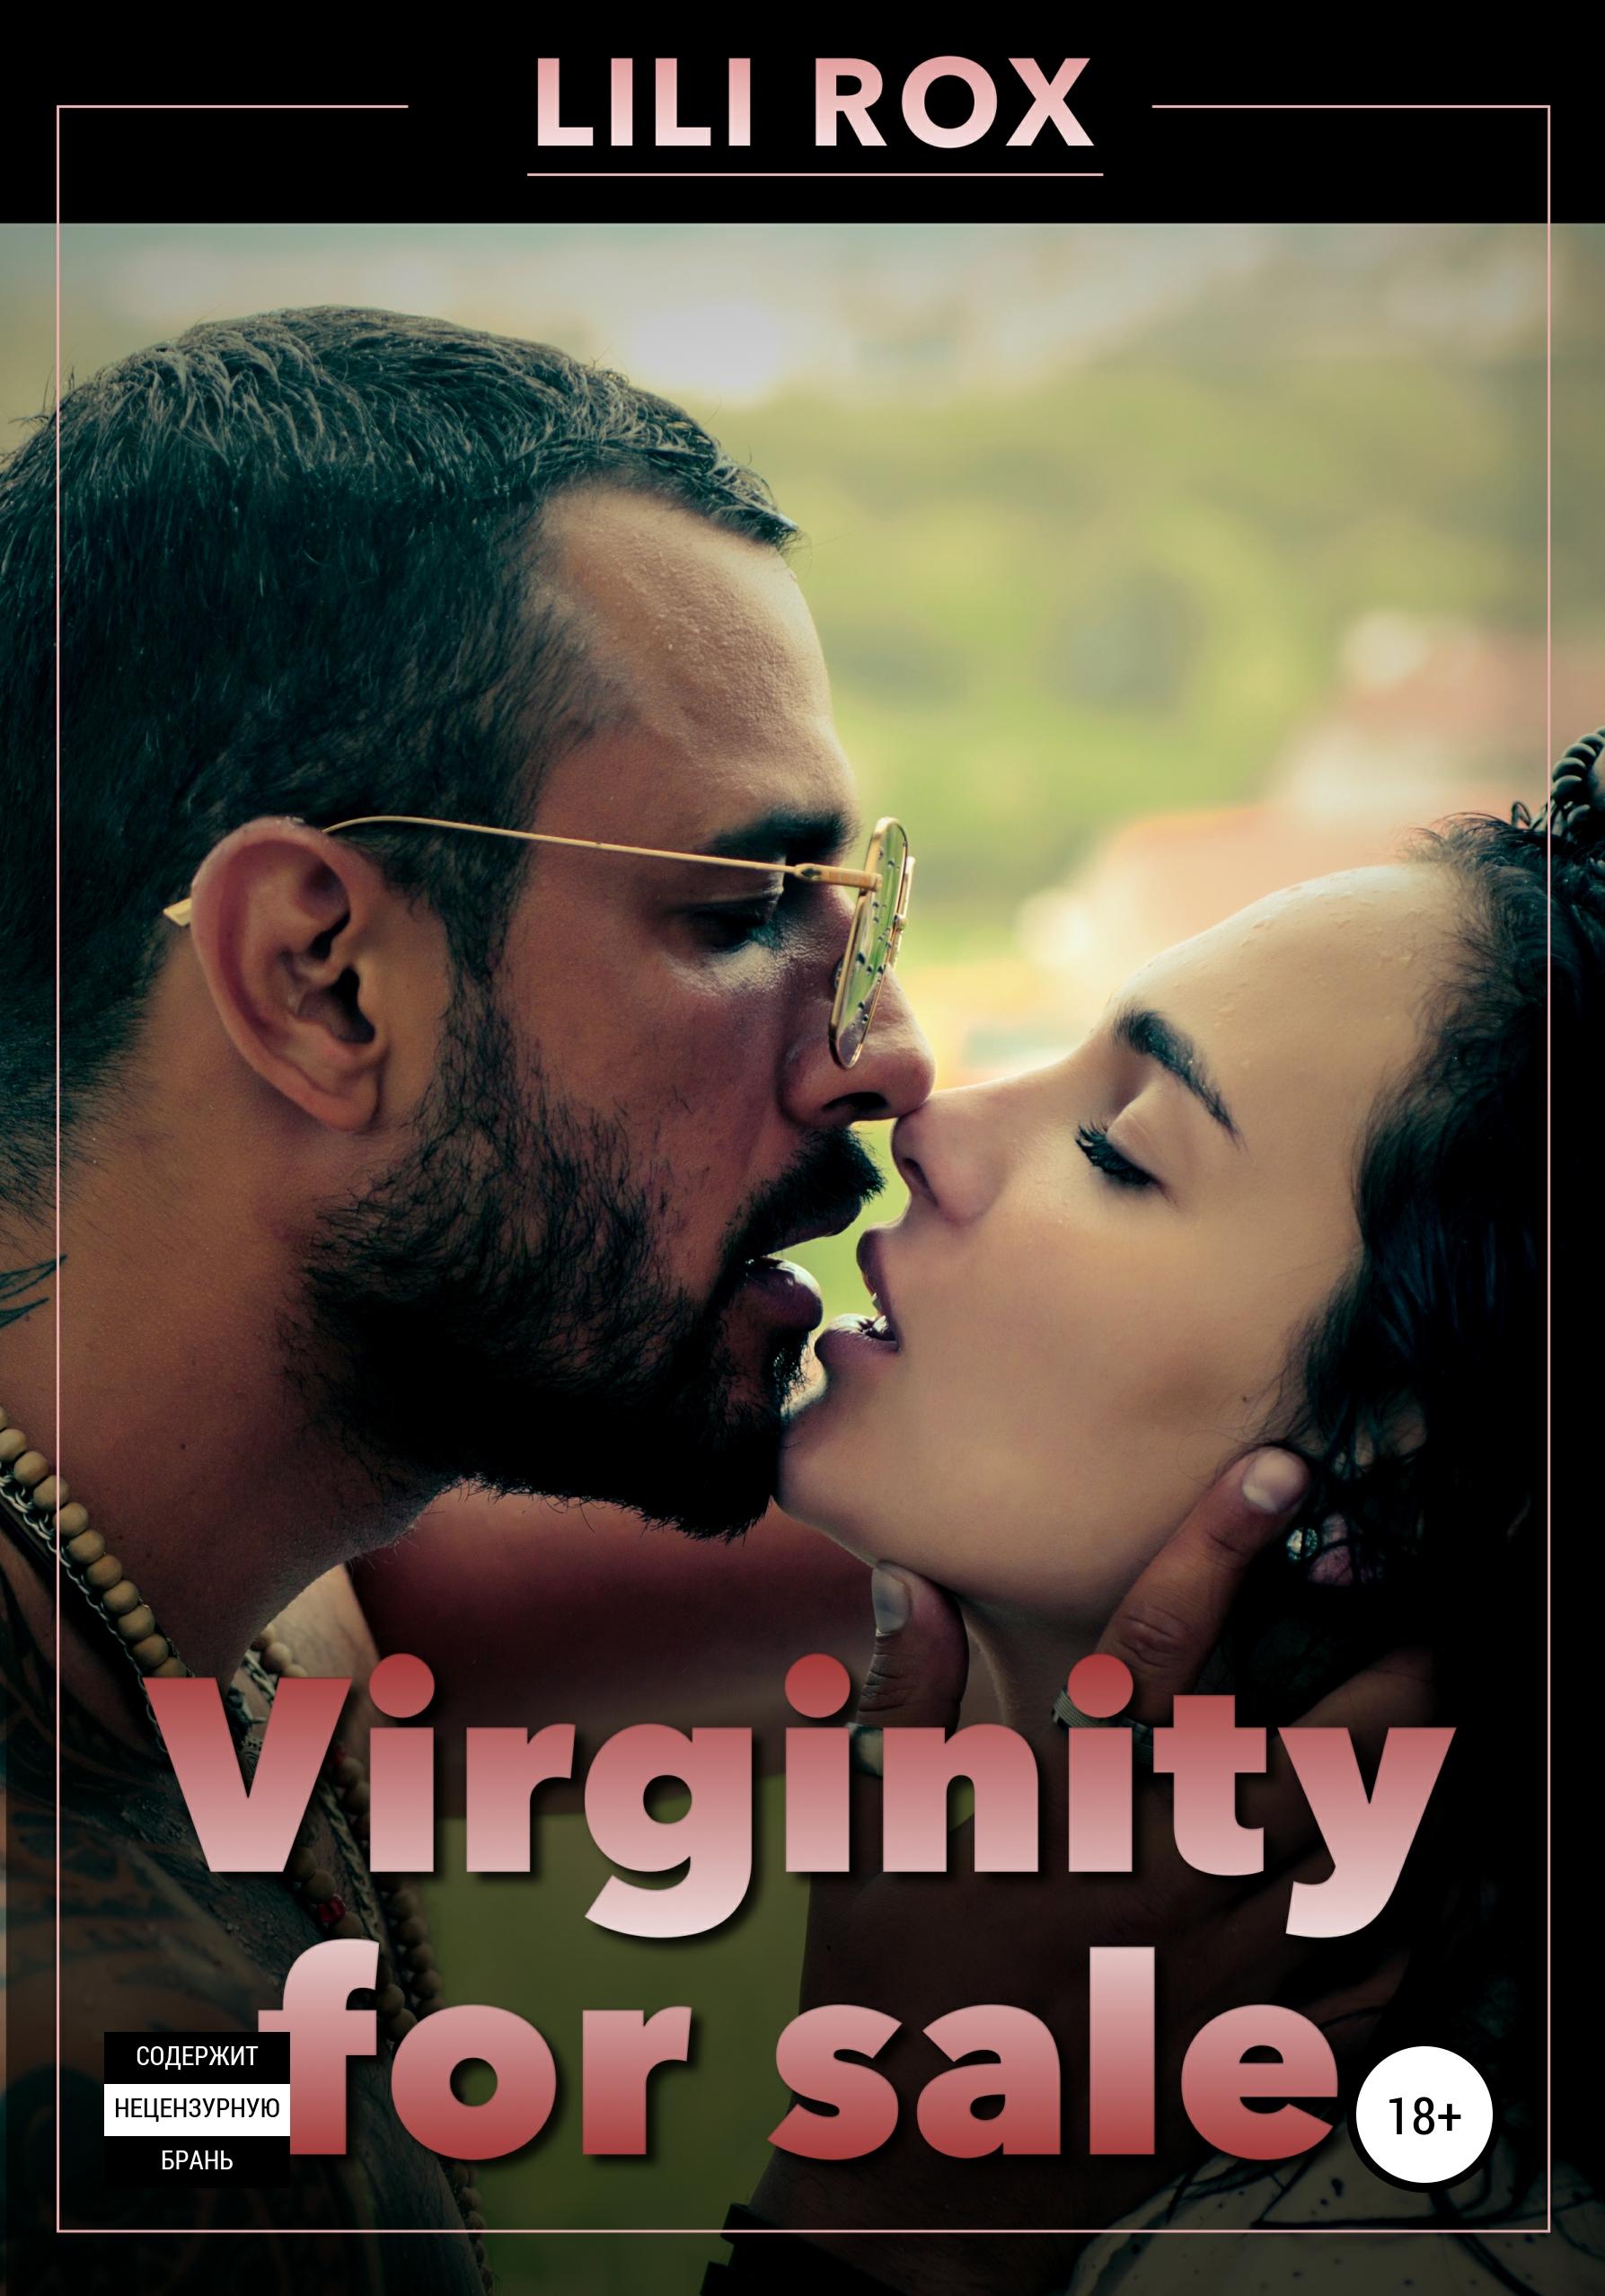 Купить книгу Virginity for sale, автора Лилей Рокс